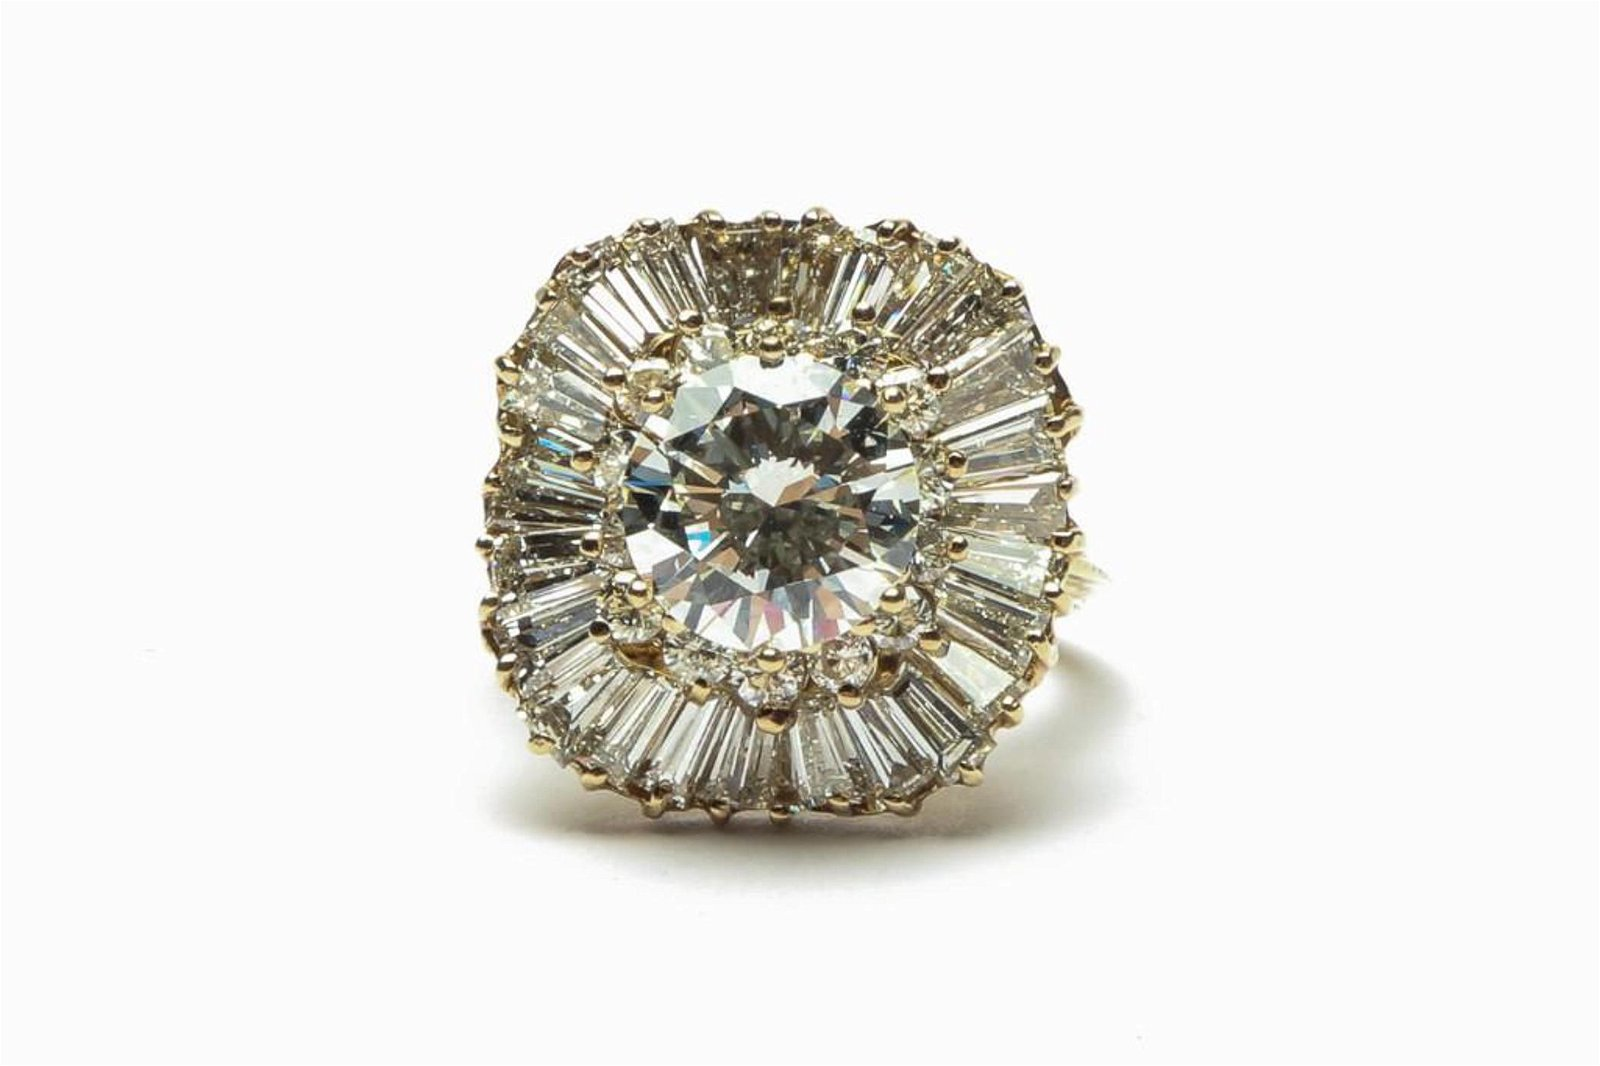 3.9 Ct 14k Diamond Gold Ring GIA Certified